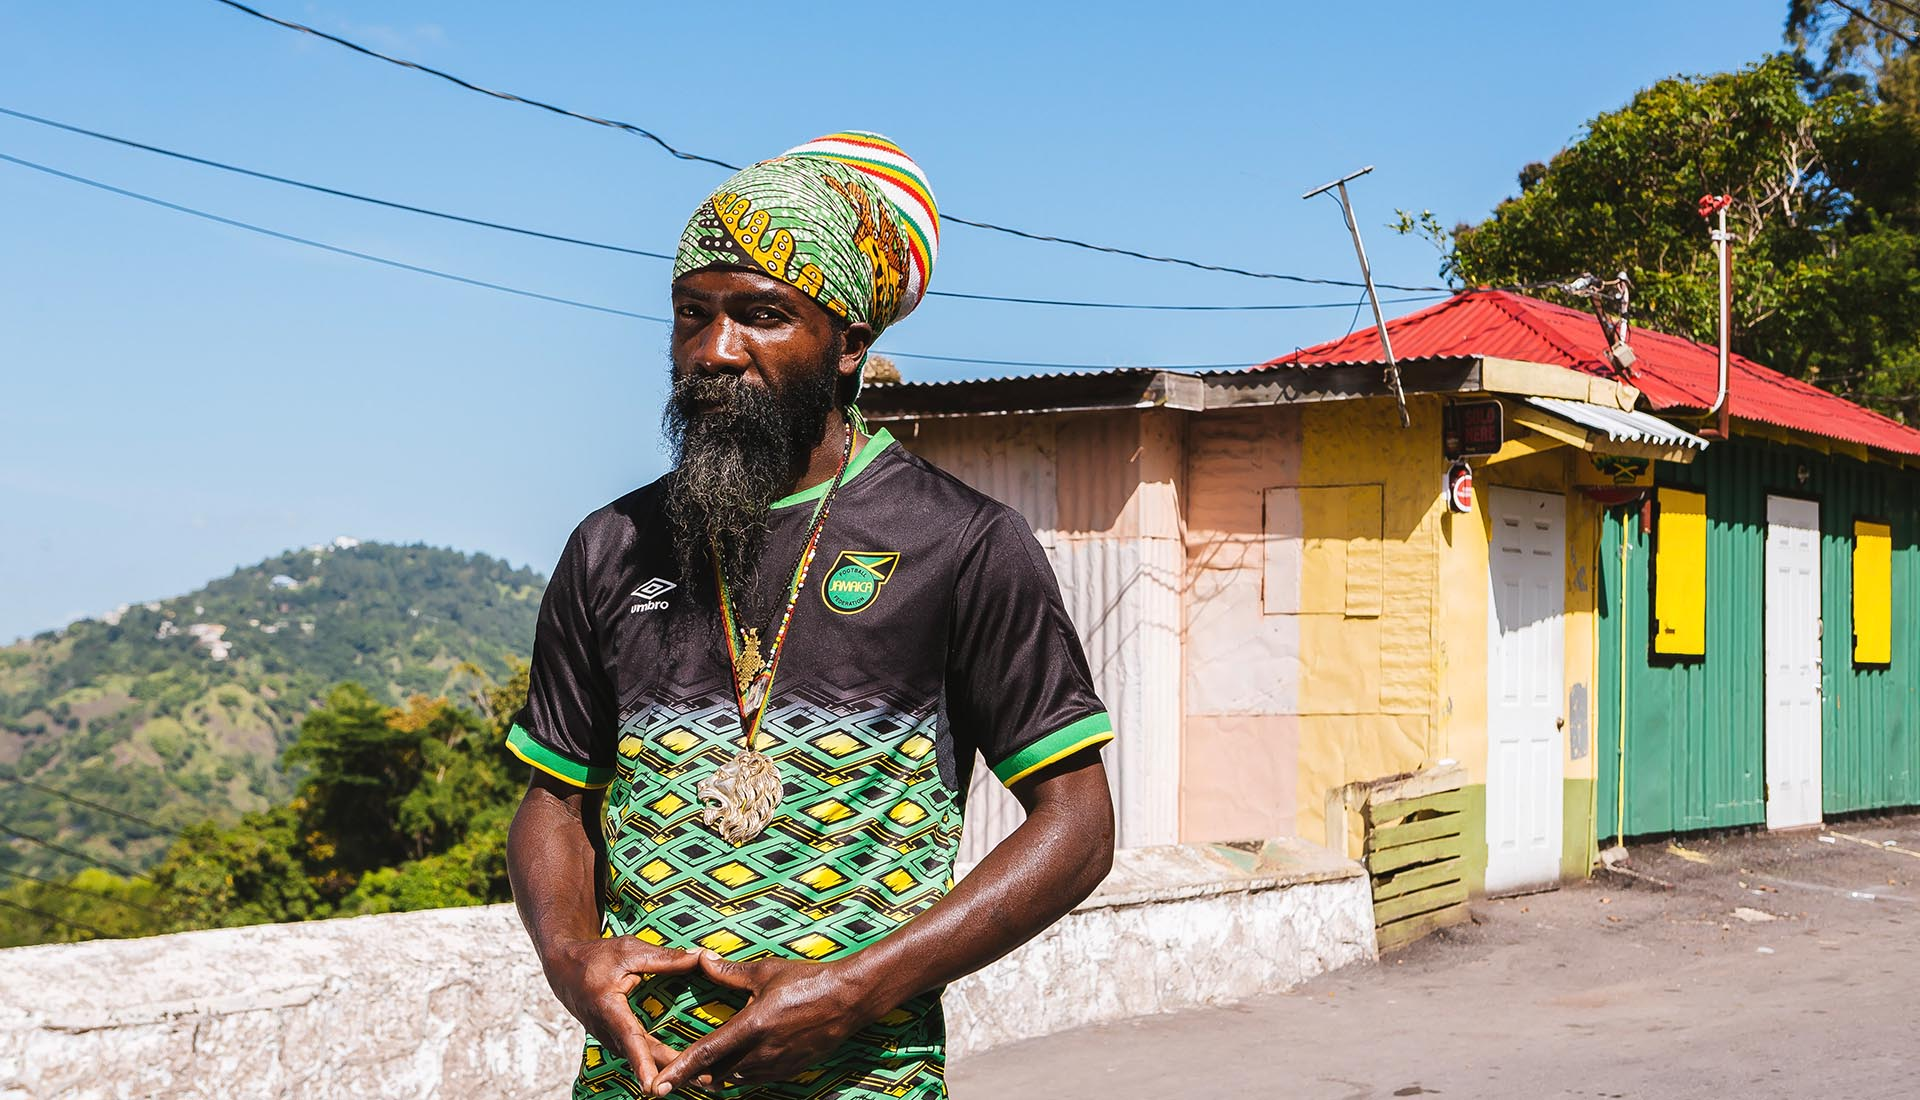 Les Nouveaux Par La Jamaïque Inside Maillots UmbroFoot De cKlJF1